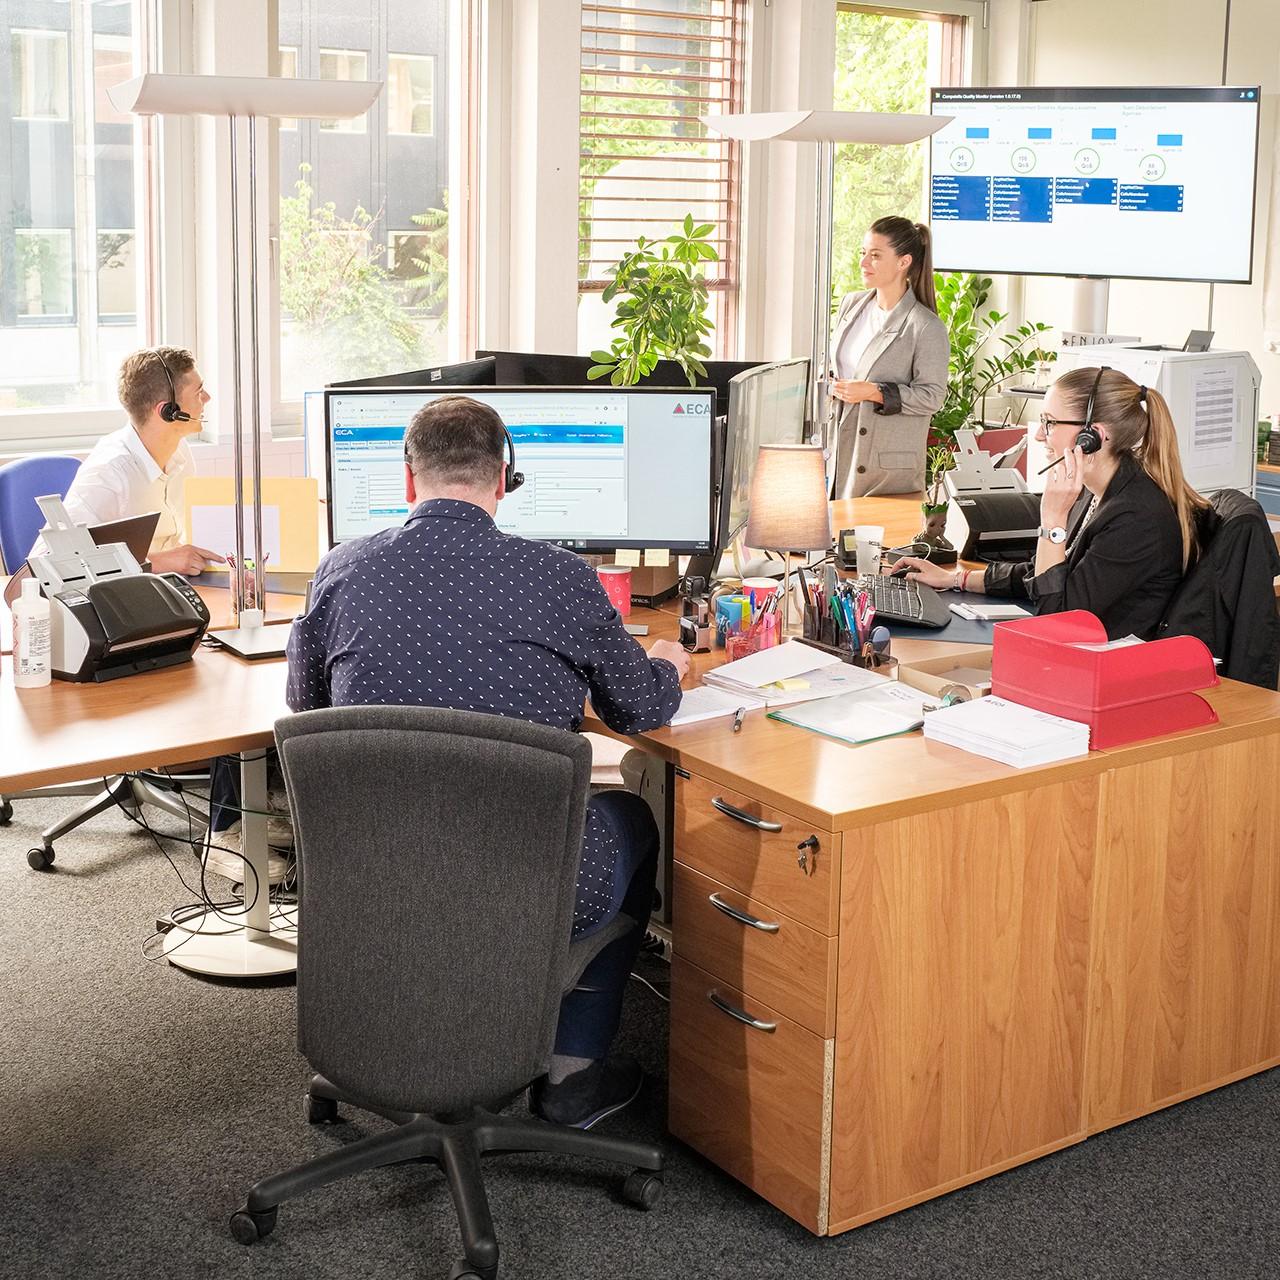 Une moyenne de 10'000 appels par mois sont traités par le service en charge du numéro d'appel gratuit (0800 721 721).